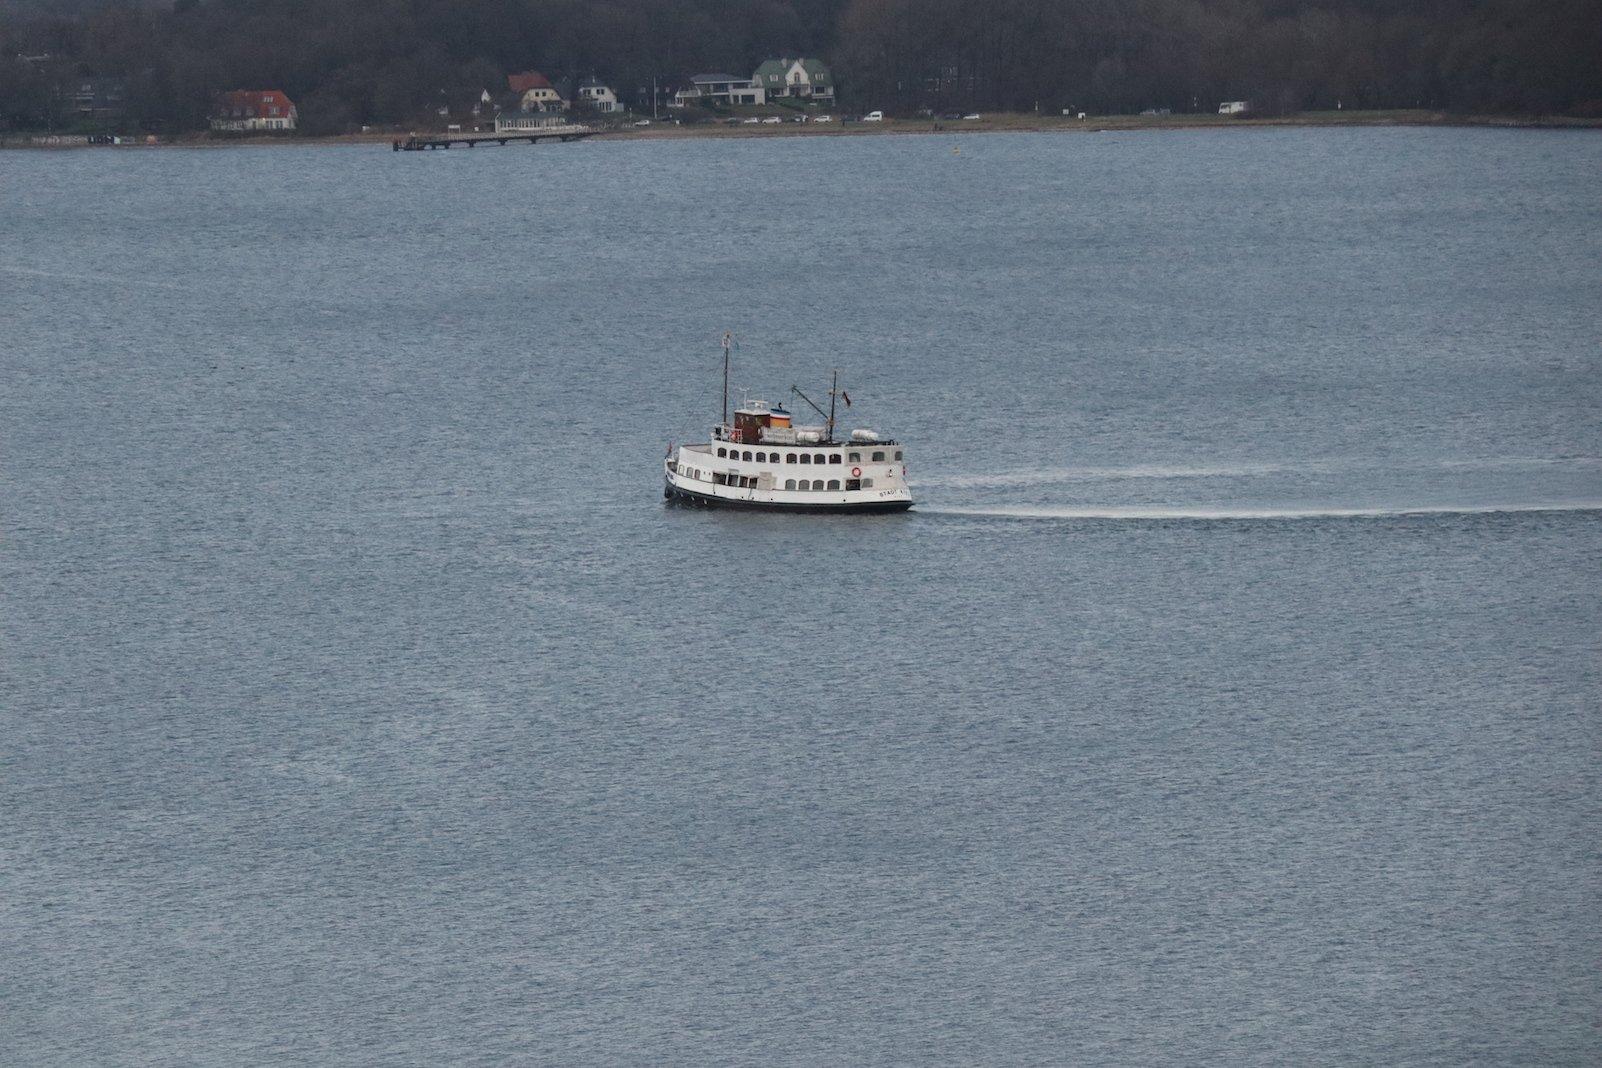 Ein Schiff kreiselt munter vor sich hin....